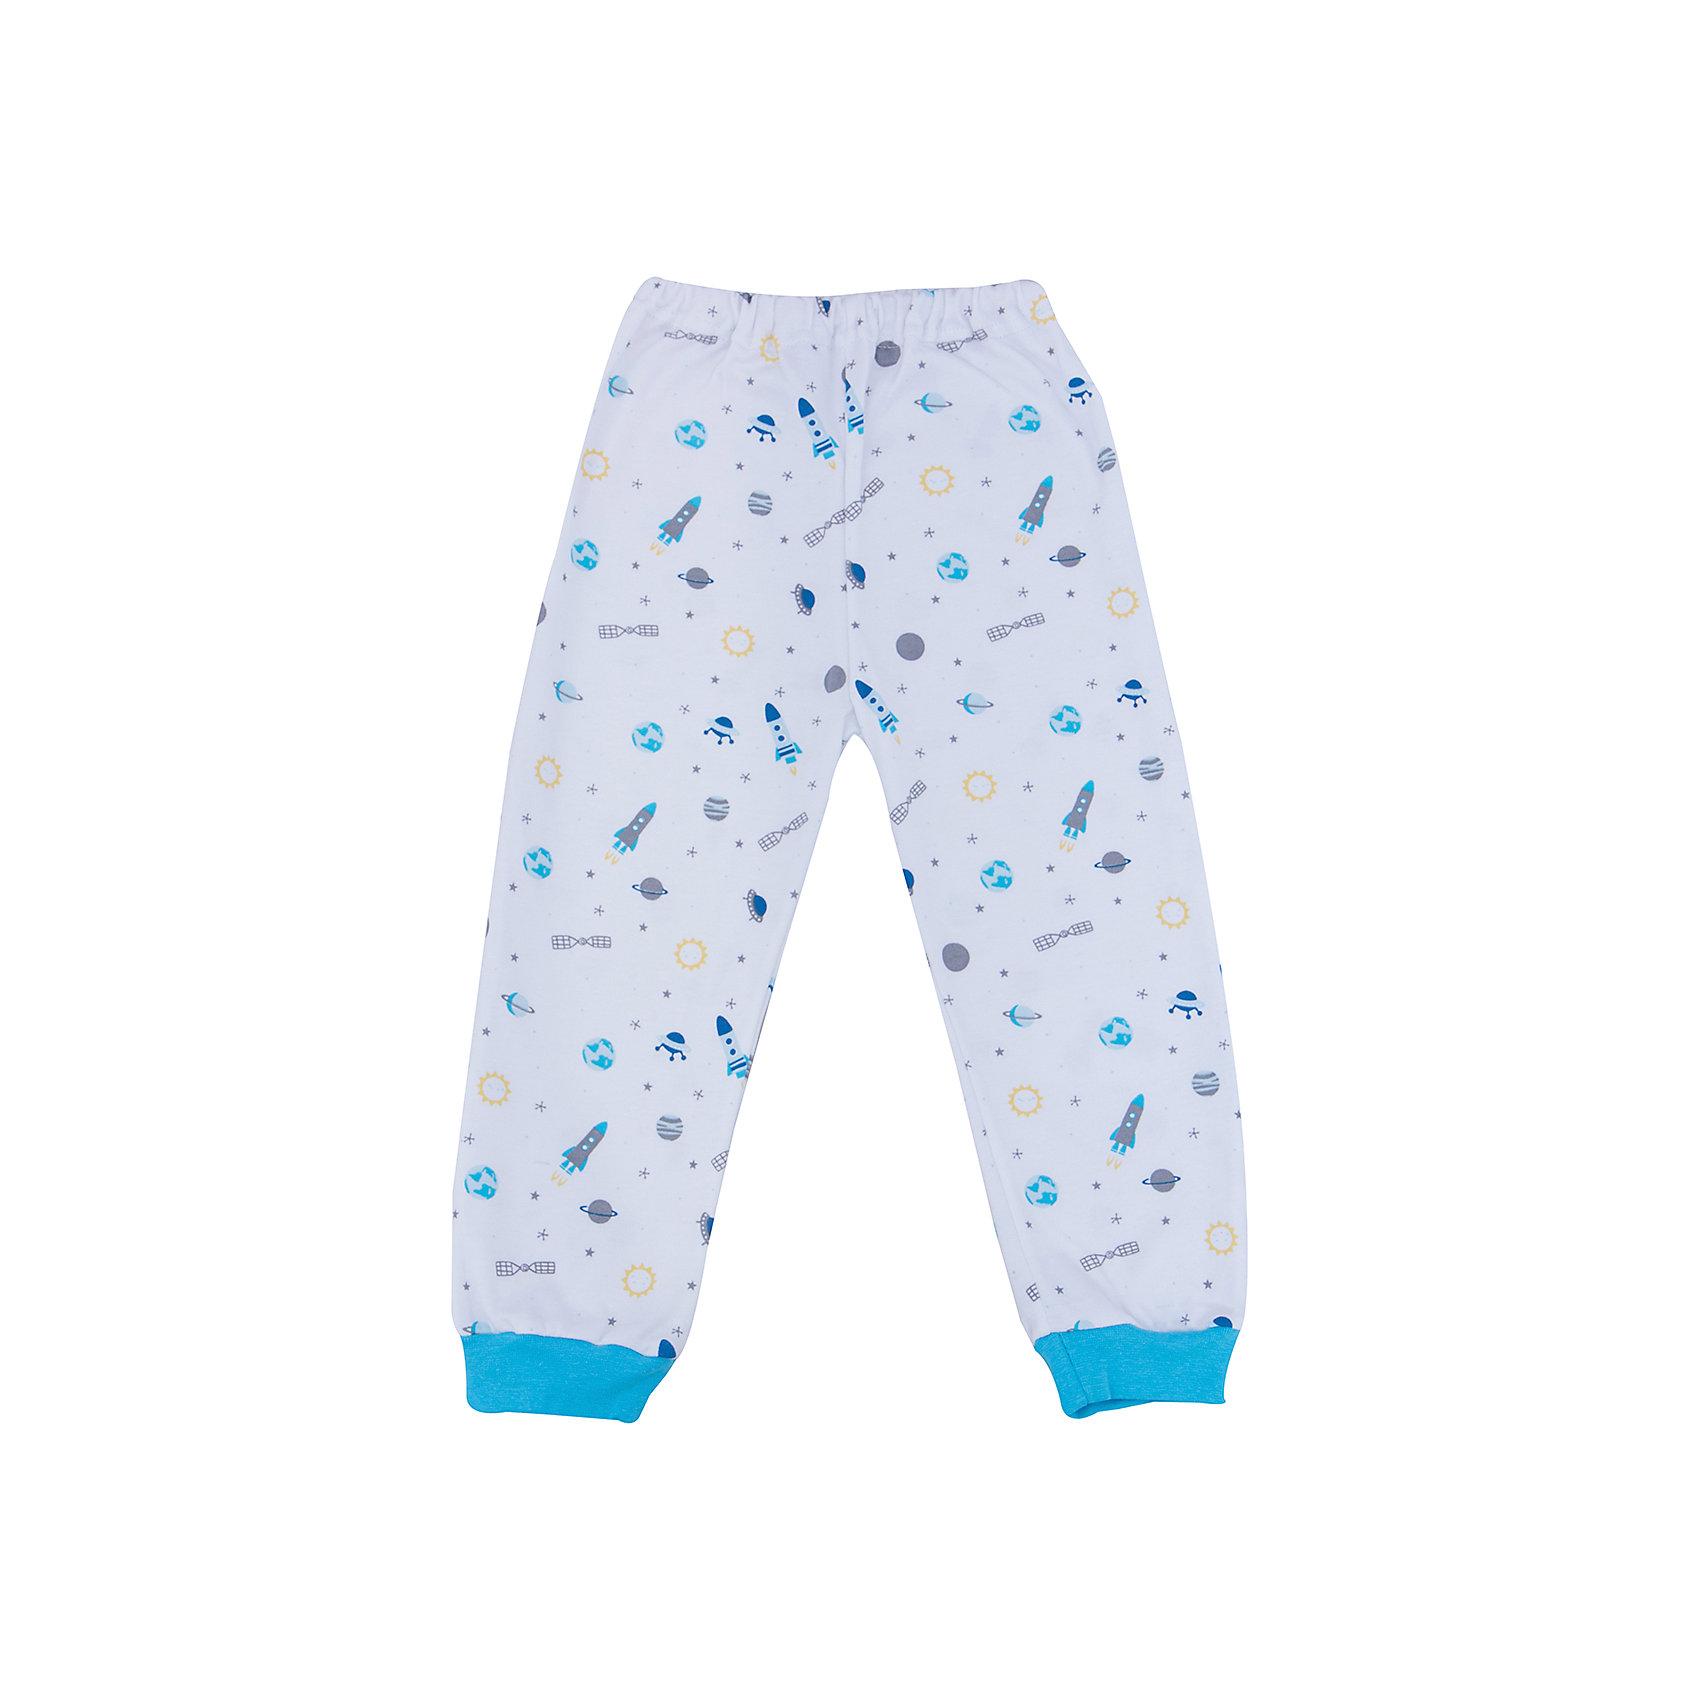 Штанишки для мальчика Веселый малышКаждый предмет, предназначающийся ребенку, необходимо тщательно выбирать. Одежда для малышей должна быть удобной и качественной - это один из необходимых факторов для правильного развития и хорошего самочувствия ребенка.<br>Эти штанишки отличаются высоким качеством швов, продуманным кроем, что позволяет им хорошо фиксироваться на теле малыша, не сползать и не натирать. Застежки - удобные кнопки, которые не мешают ребенку. Материал - интерлок. Это плотная ткань из натурального хлопка, гладкая, приятная на ощупь, дышащая и гипоаллергенная. Расцветка изделий позволяет легко комбинировать их с различной одеждой. <br><br>Дополнительная информация:<br><br>материал: 100% хлопок интерлок;<br>мягкая резинка;<br>украшены принтом.<br><br>Штанишки от бренда Веселый малыш можно купить в нашем магазине.<br><br>Ширина мм: 157<br>Глубина мм: 13<br>Высота мм: 119<br>Вес г: 200<br>Цвет: разноцветный<br>Возраст от месяцев: 2<br>Возраст до месяцев: 5<br>Пол: Мужской<br>Возраст: Детский<br>Размер: 62,86,68,74,80<br>SKU: 4810485